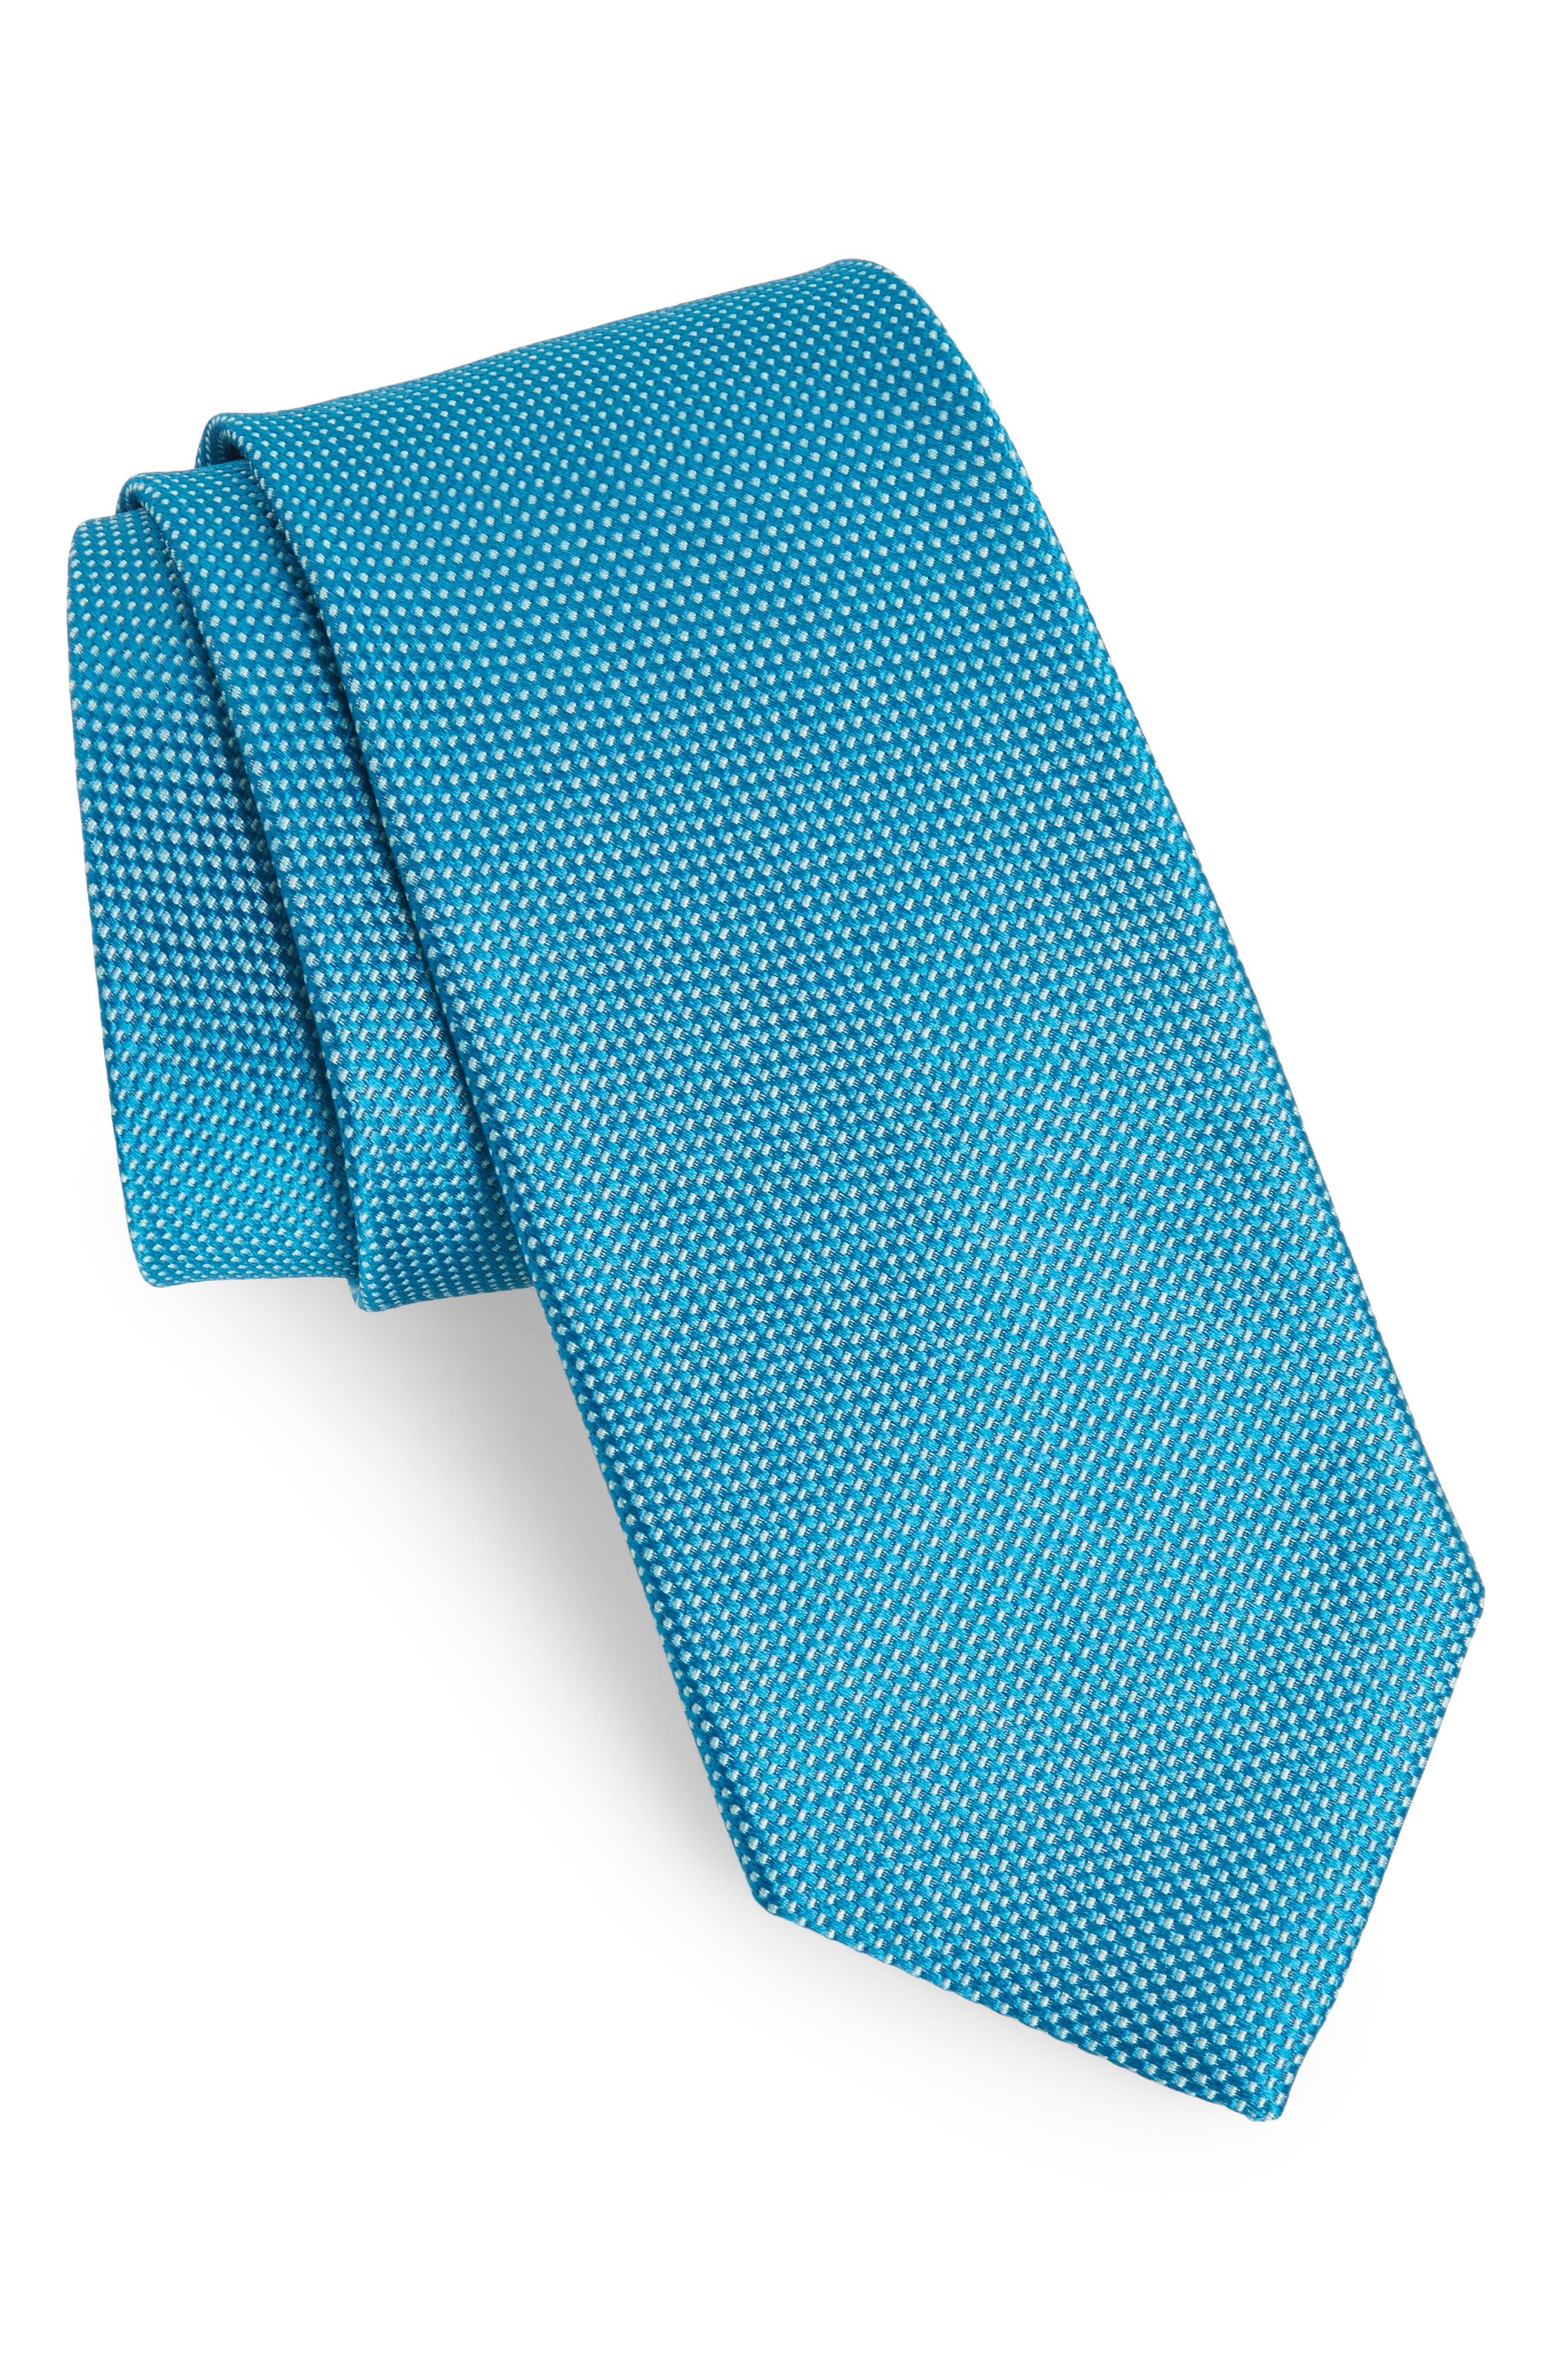 Solid Silk Tie,                             Main thumbnail 1, color,                             Scuba Blue